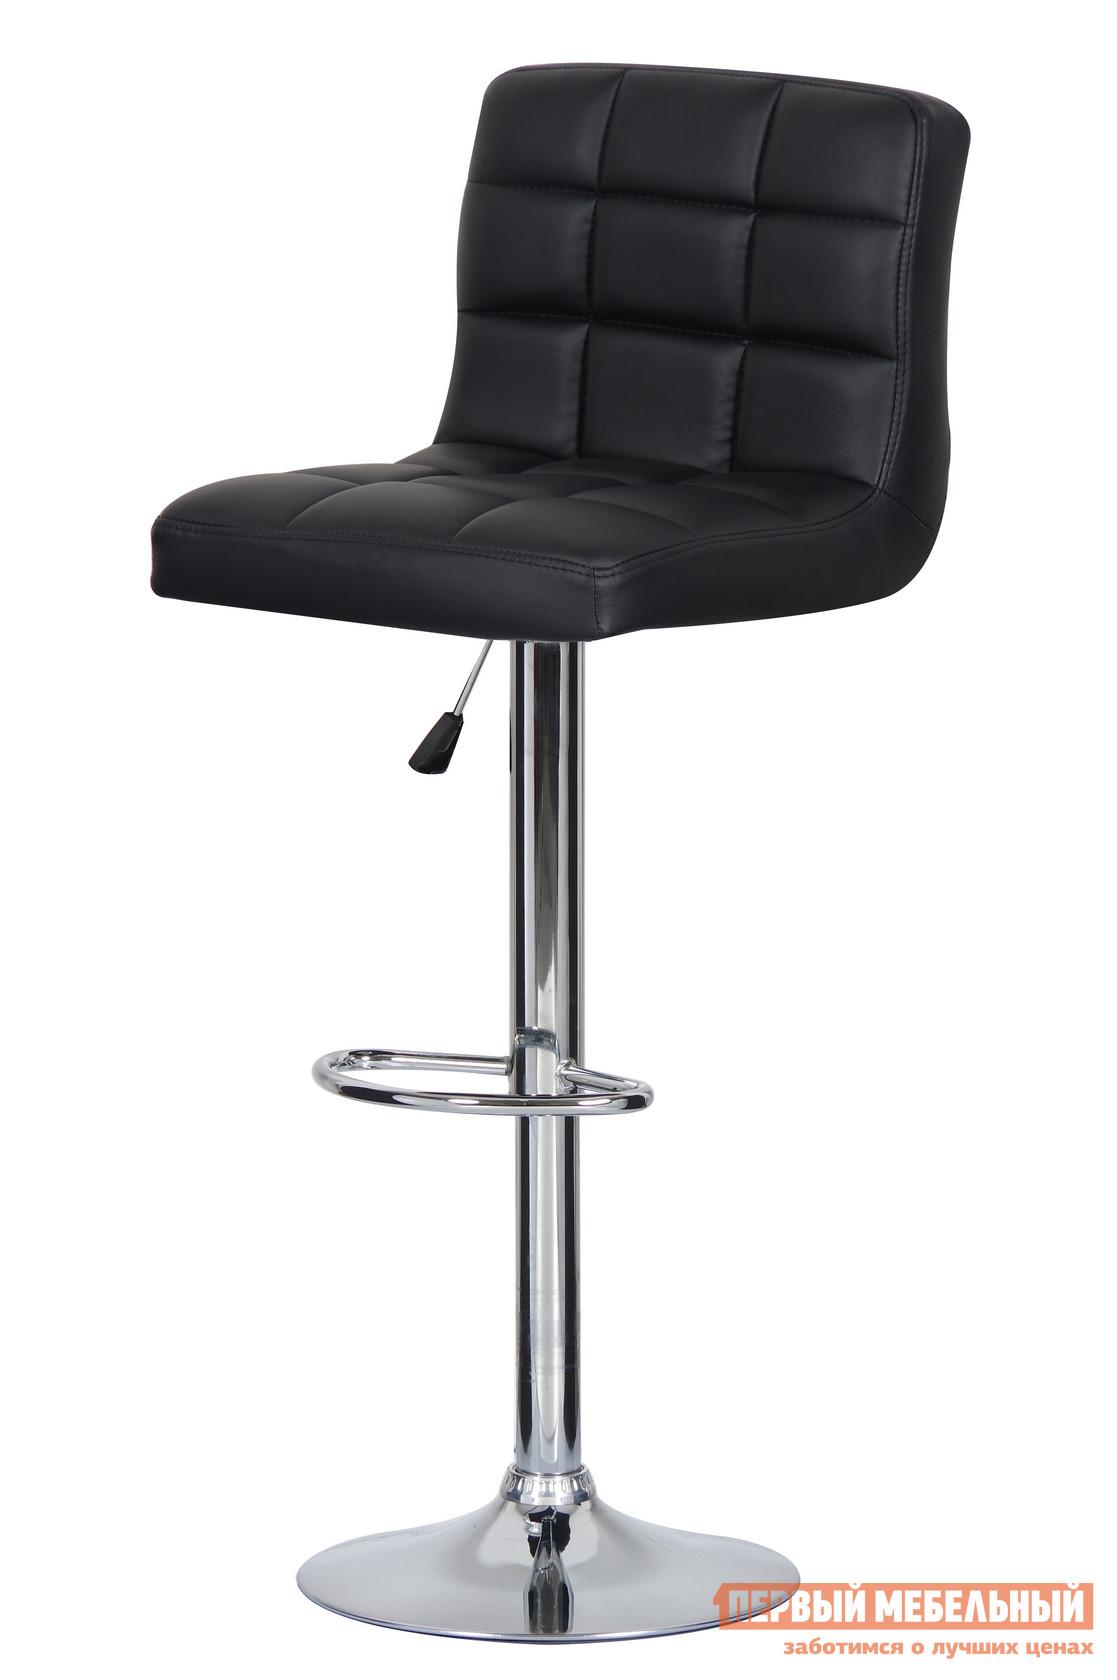 Барный стул Паоли Kruger Original T-808H Black кожзамБарные стулья<br>Габаритные размеры ВхШхГ 920 / 1120x430x430 мм. Эстетика, функциональность и простота — основные характеристики этой модели барного стула.  В производстве изделия использованы новейшие разработки и материалы. Мягкое сиденье и поворотно-подъемный механизм, которым снабжена модель, делает его максимально комфортным в обстановке домашнего бара. Материалы: хромированная сталь,  дерево, газ-лифт, обивка из высококачественной искусственной кожи PVC. Минимальный срок службы: 10 лет. Нагрузка на газ-лифт: до 100 кг.<br><br>Цвет: Black кожзам<br>Цвет: Черный<br>Высота мм: 920 / 1120<br>Ширина мм: 430<br>Глубина мм: 430<br>Кол-во упаковок: 1<br>Форма поставки: В разобранном виде<br>Срок гарантии: 12 месяцев<br>Тип: Для кухни, Регулируемые по высоте<br>Материал: Металлические, из искусственной кожи<br>Форма: Квадратные<br>Особенности: С мягким сиденьем, С одной ножкой, Со спинкой